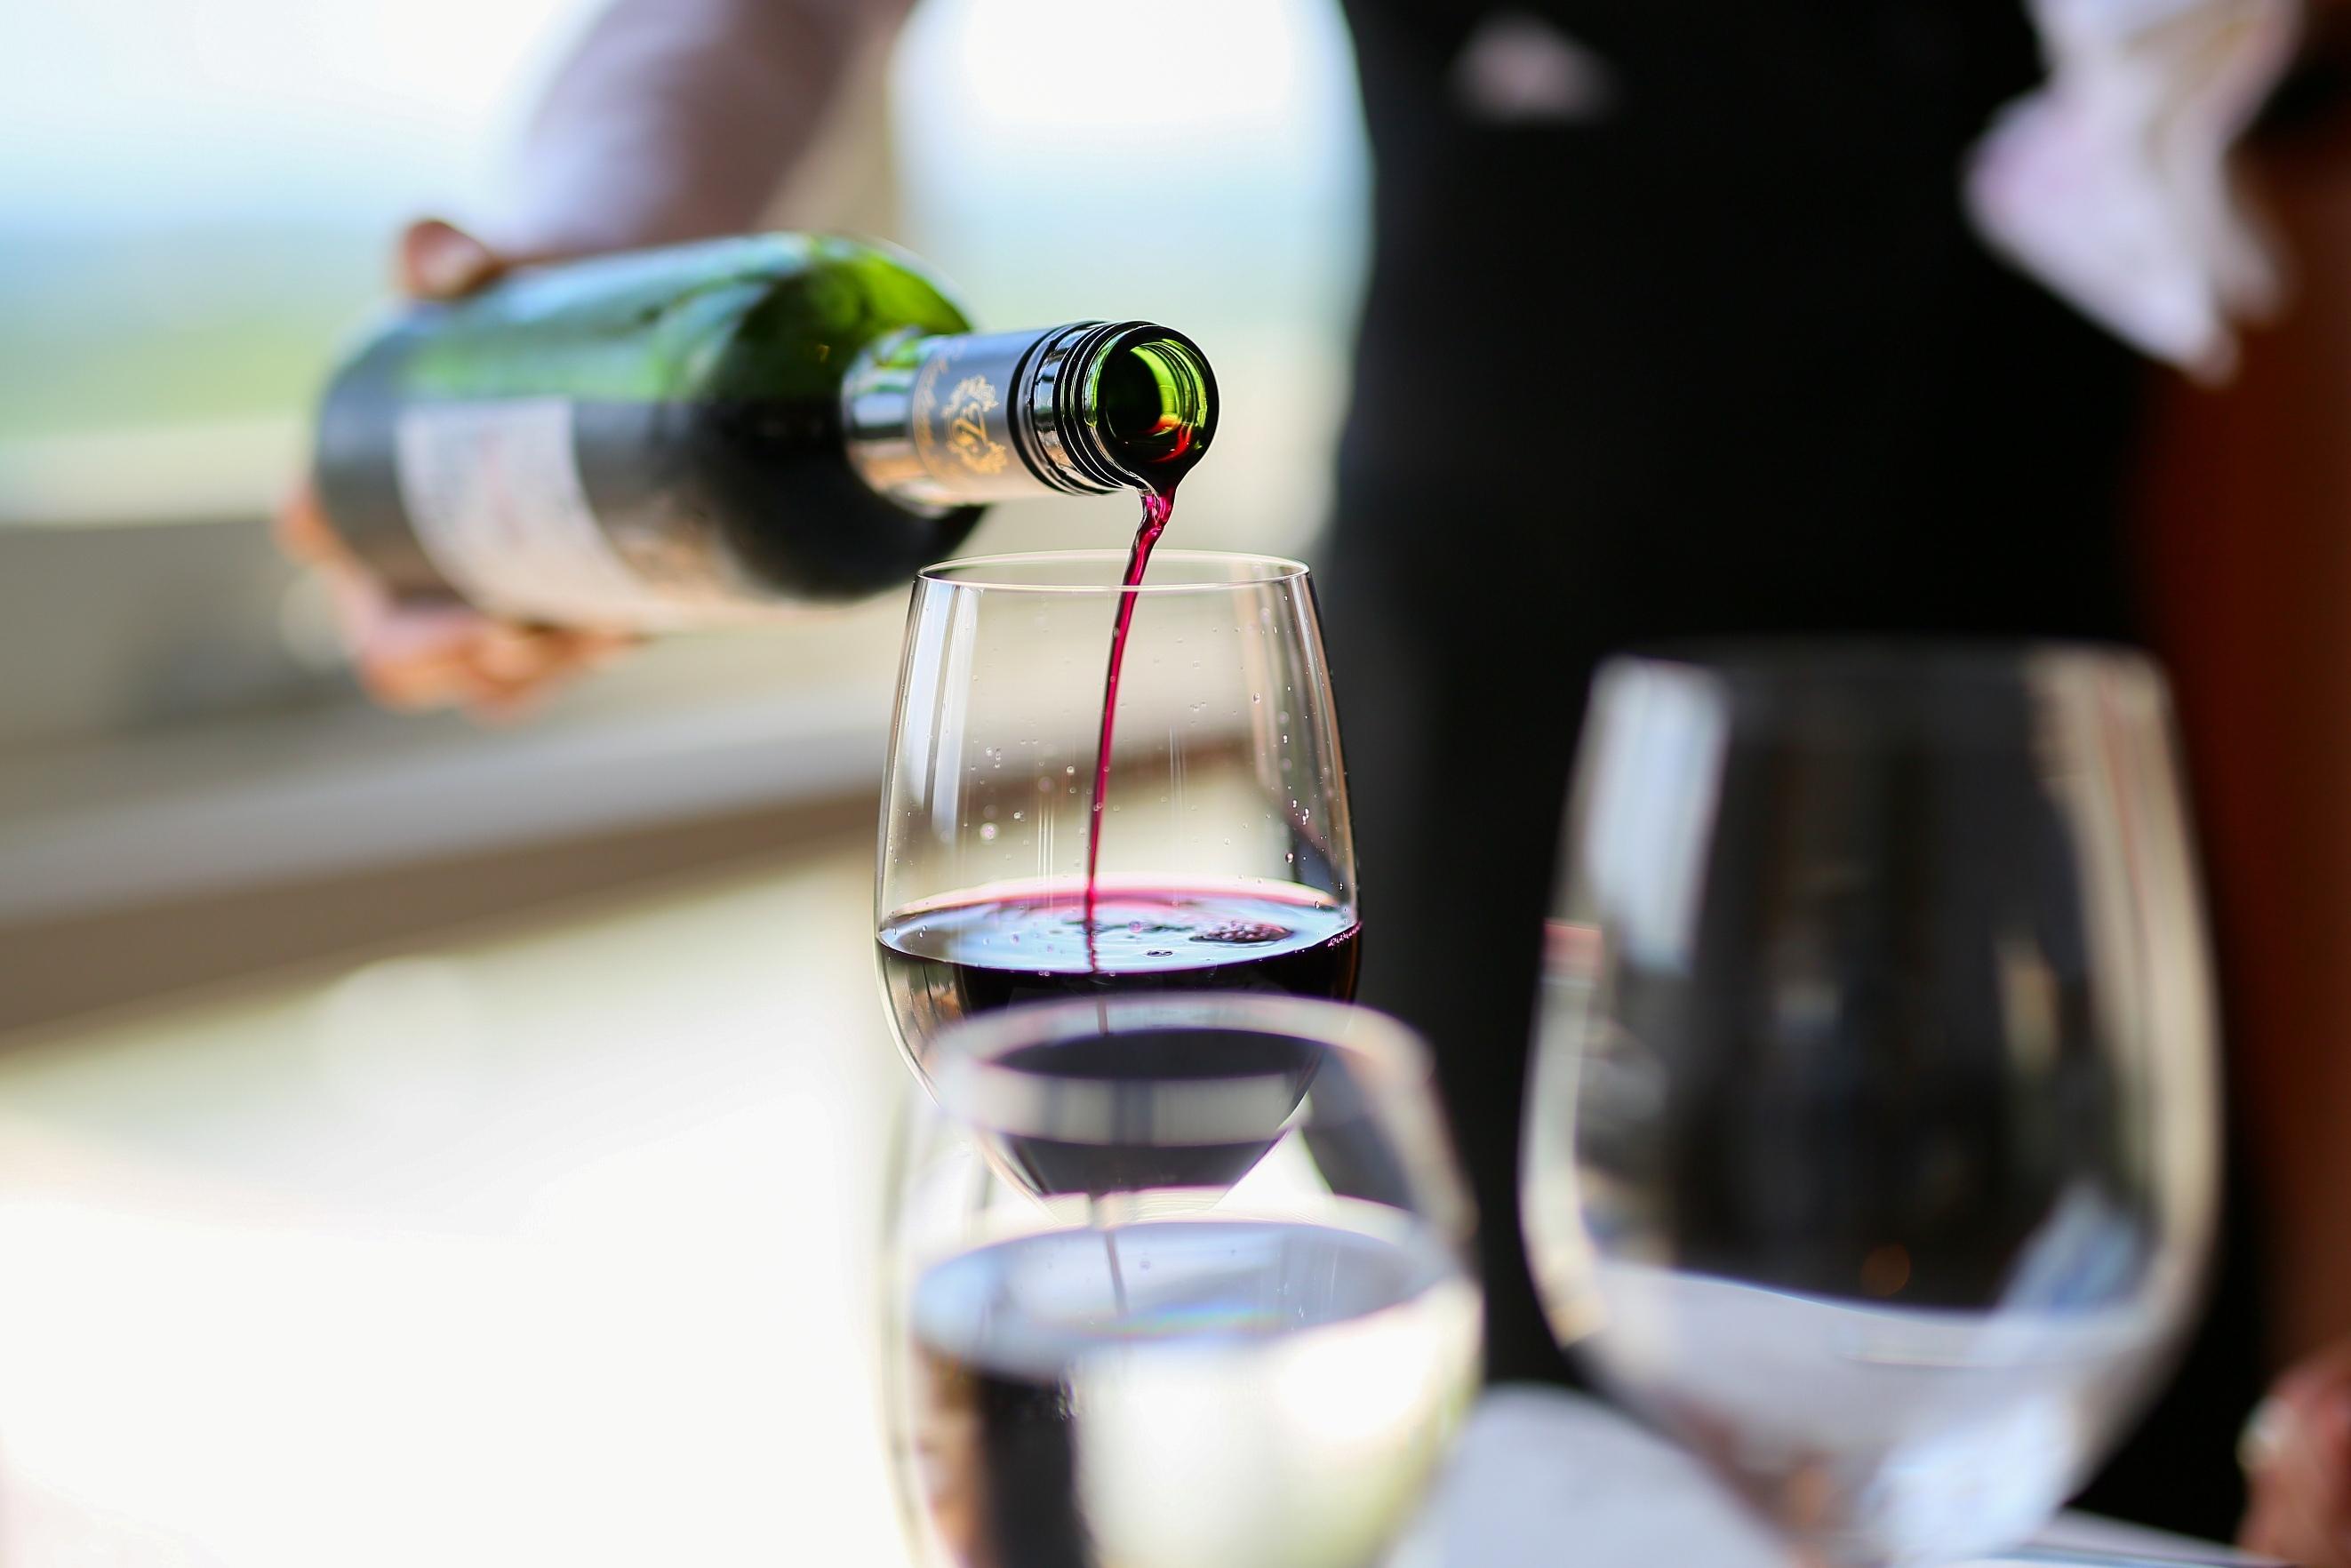 ワイン好きによるワイン好きのためのイベント「Go!Go!Winery2019」!中伊豆ワイナリーでワインを満喫しよう - img 182230 3